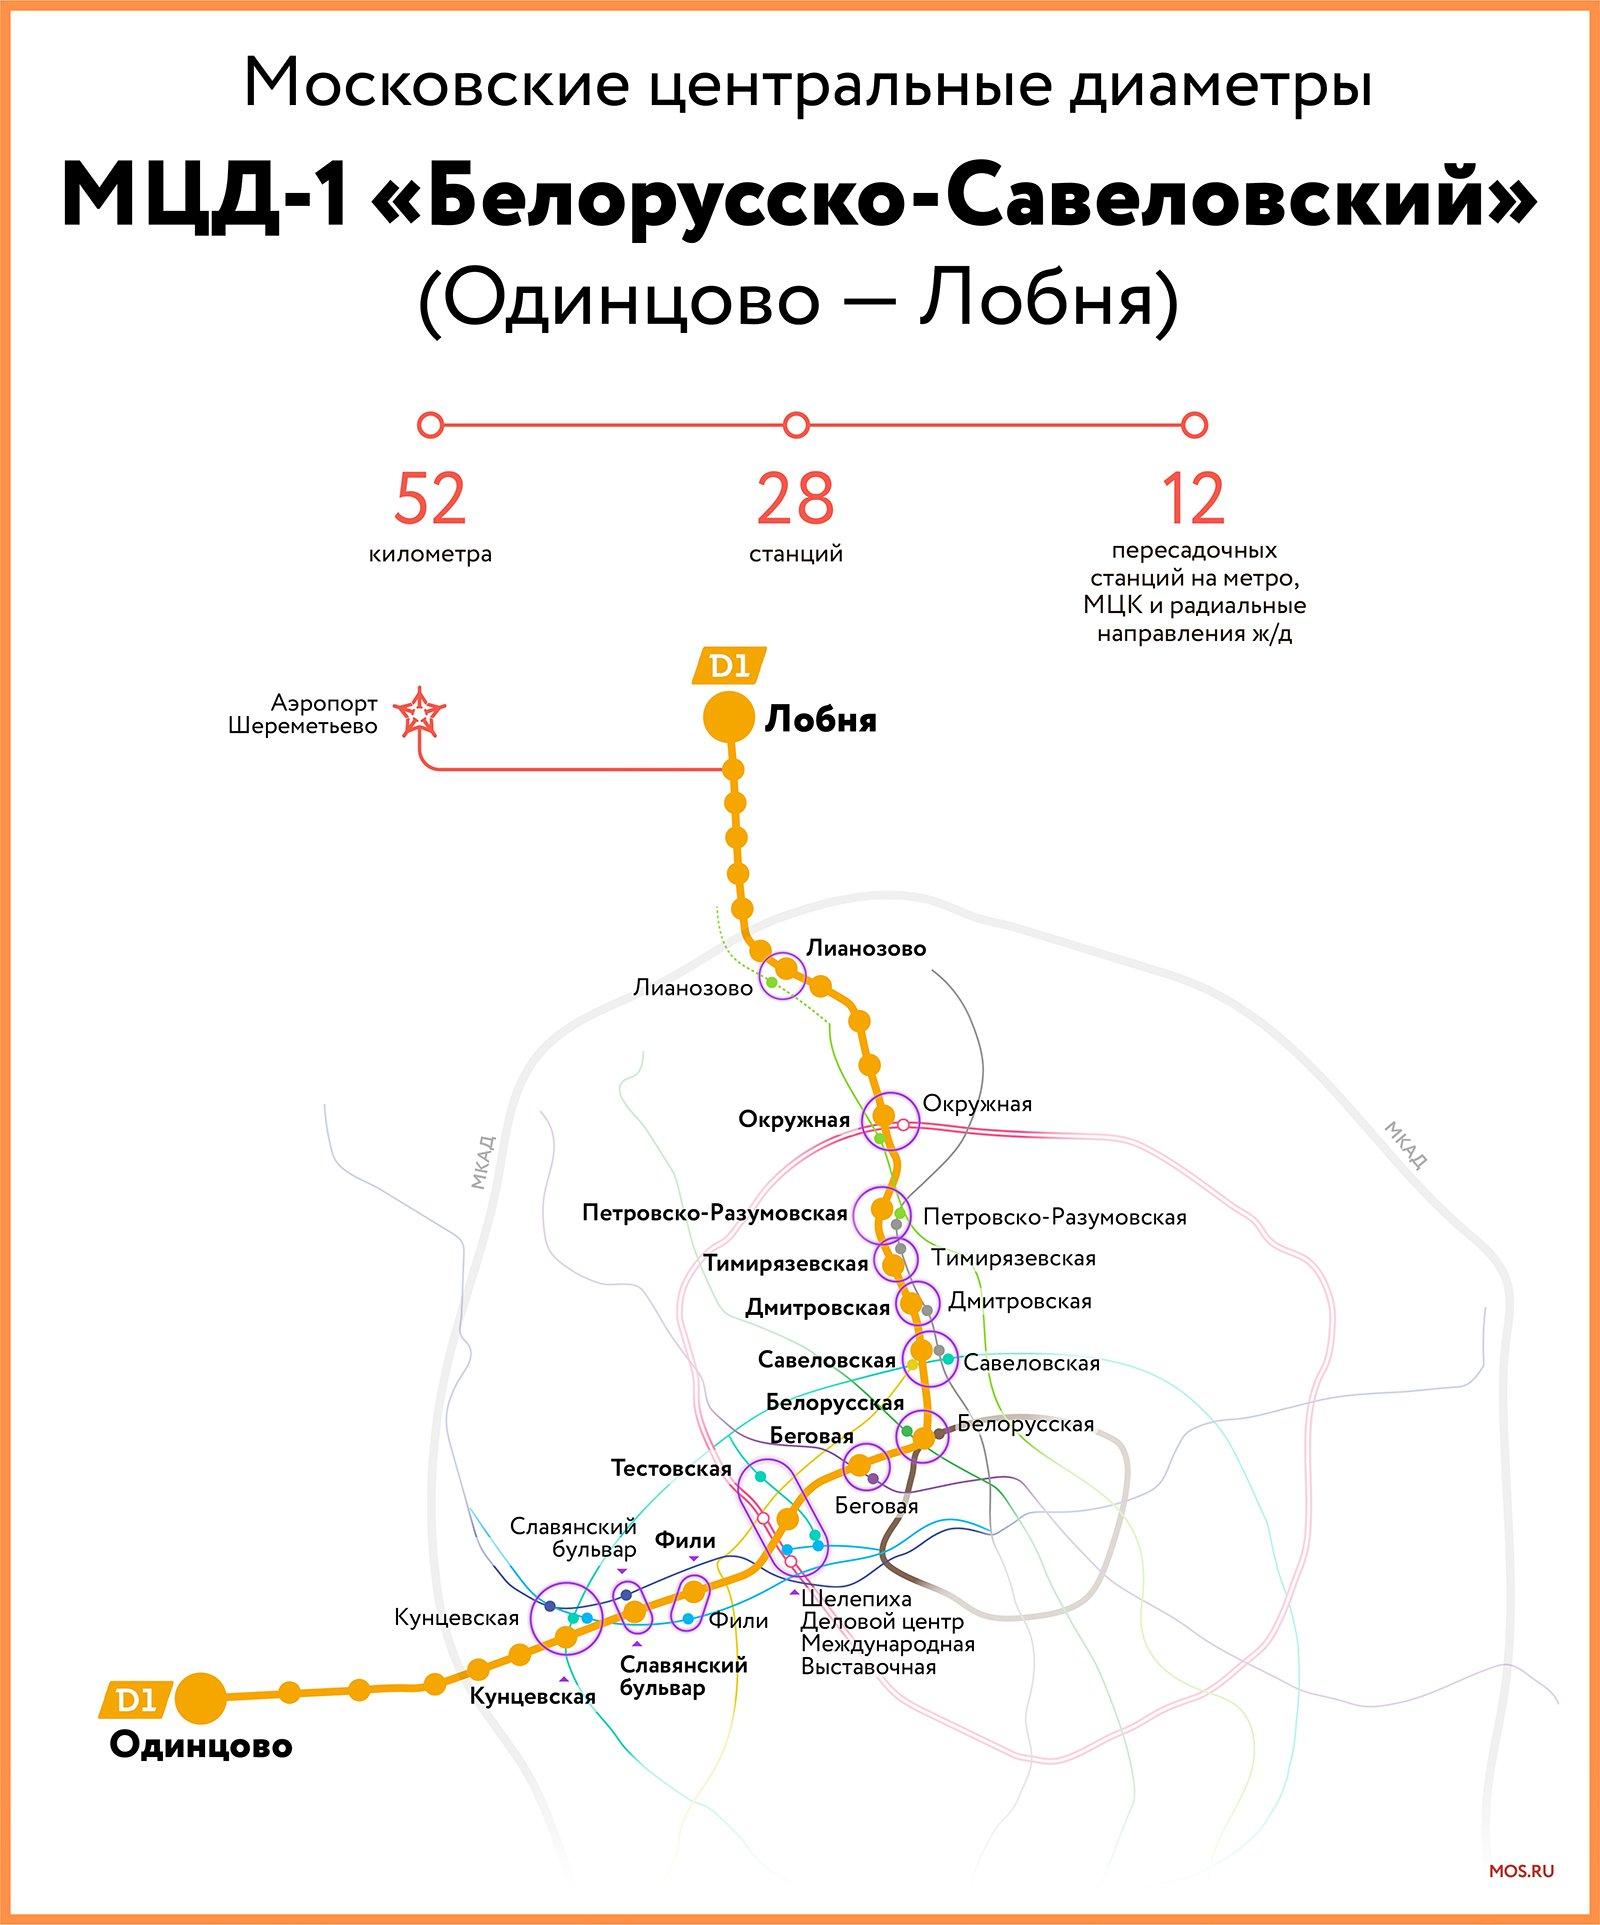 МЦД и метро: как 2019 год изменил общественный транспорт Москвы